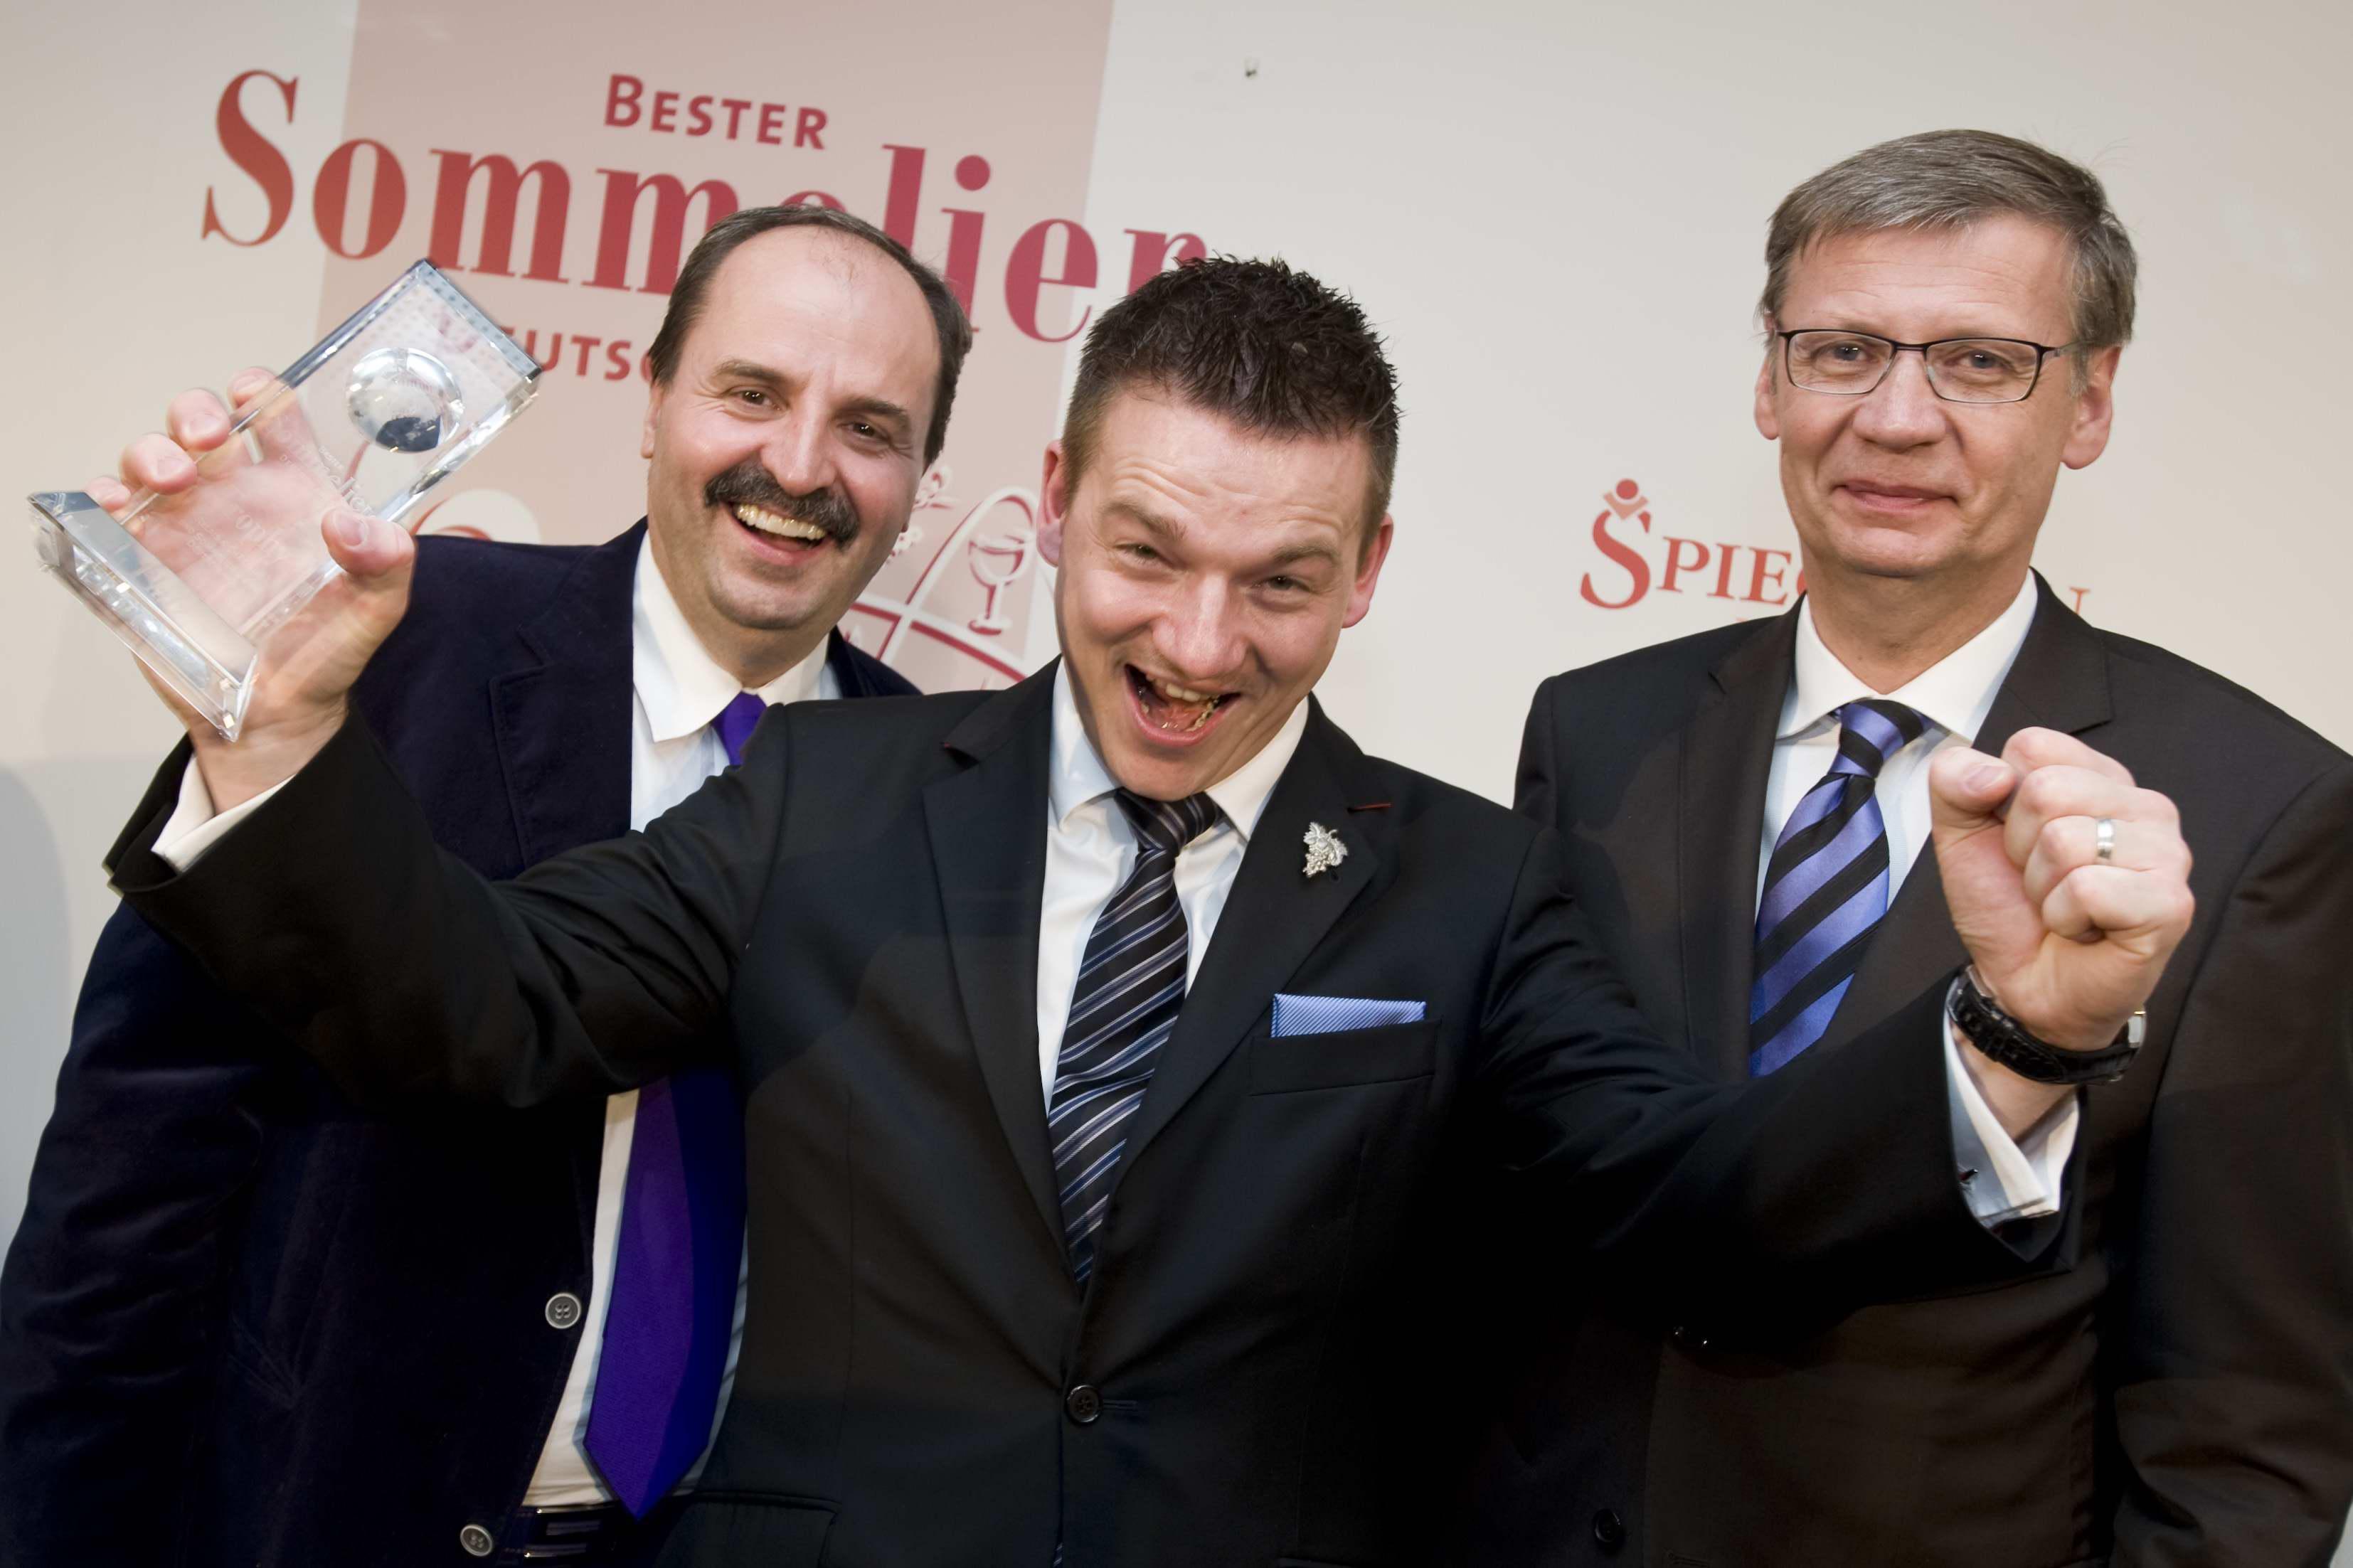 Sommelier-Trophy 2011